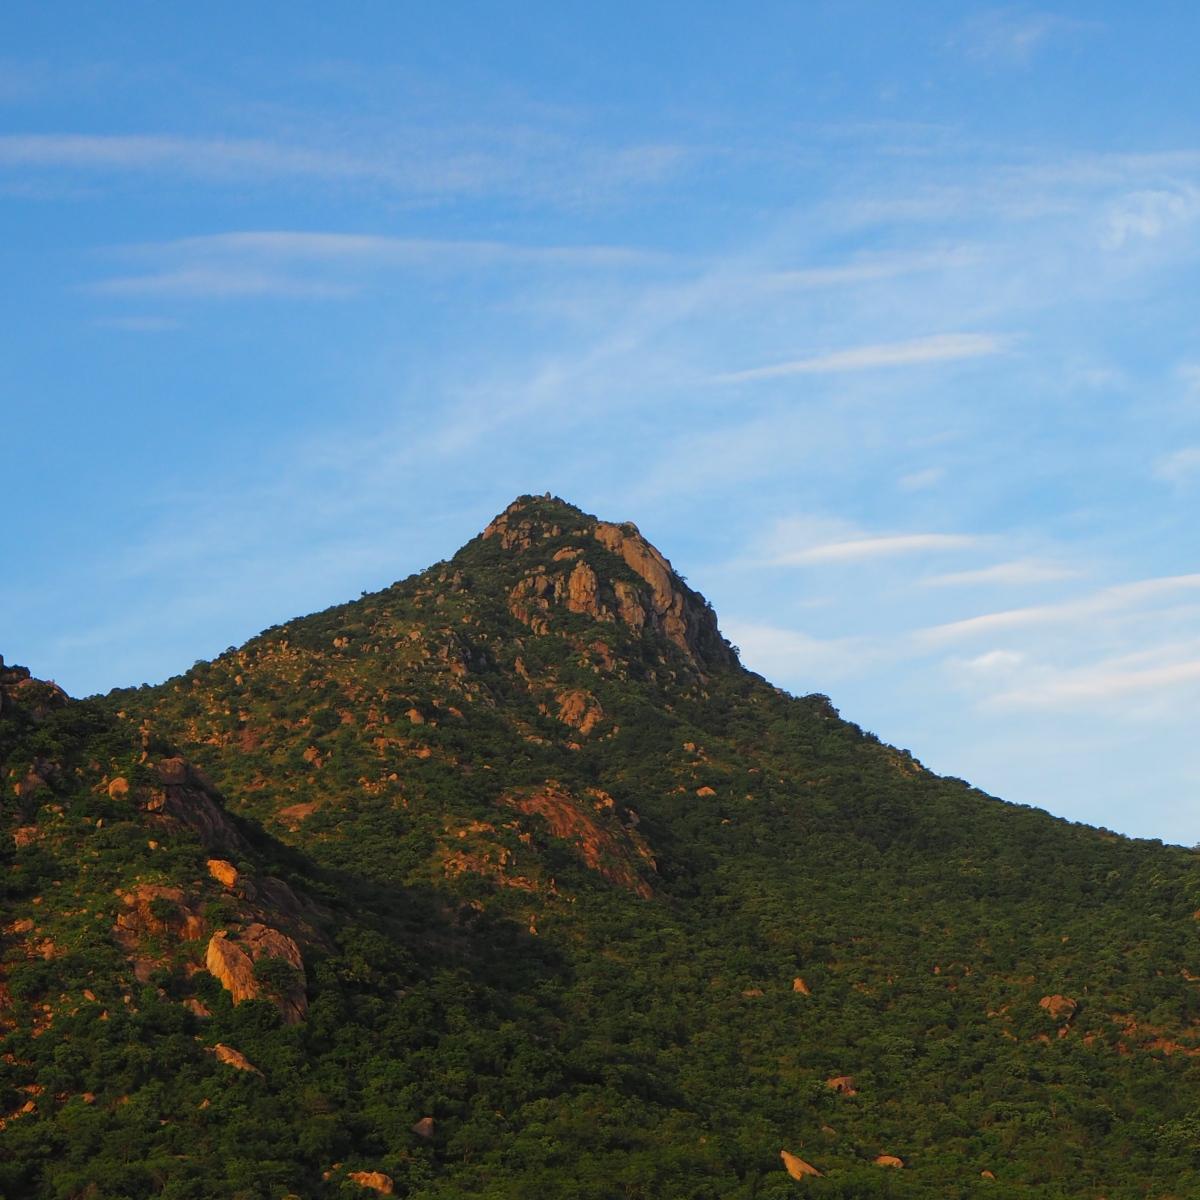 Mount Tiruvannamalai